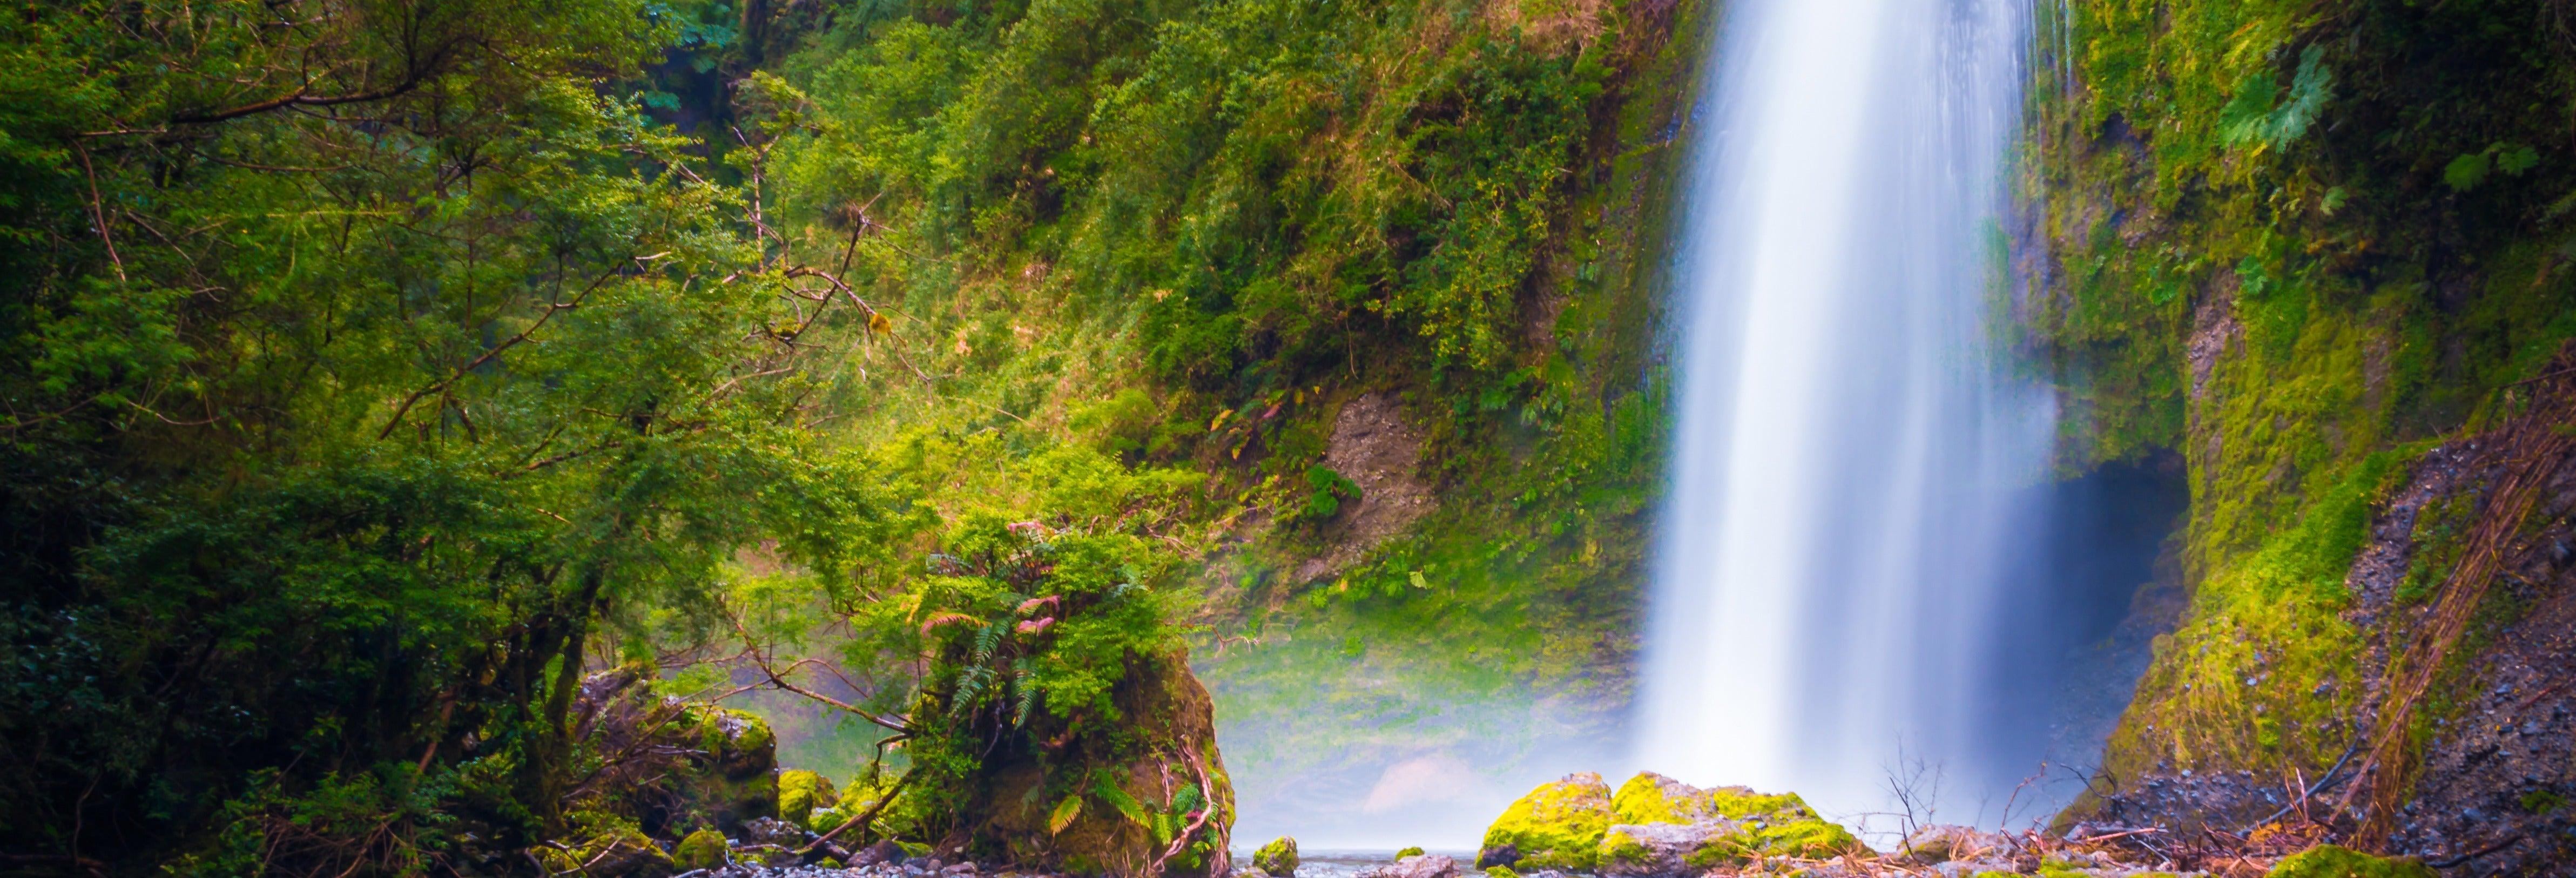 Parque Chaiguen, Aucar y cascadas de Tocoihue